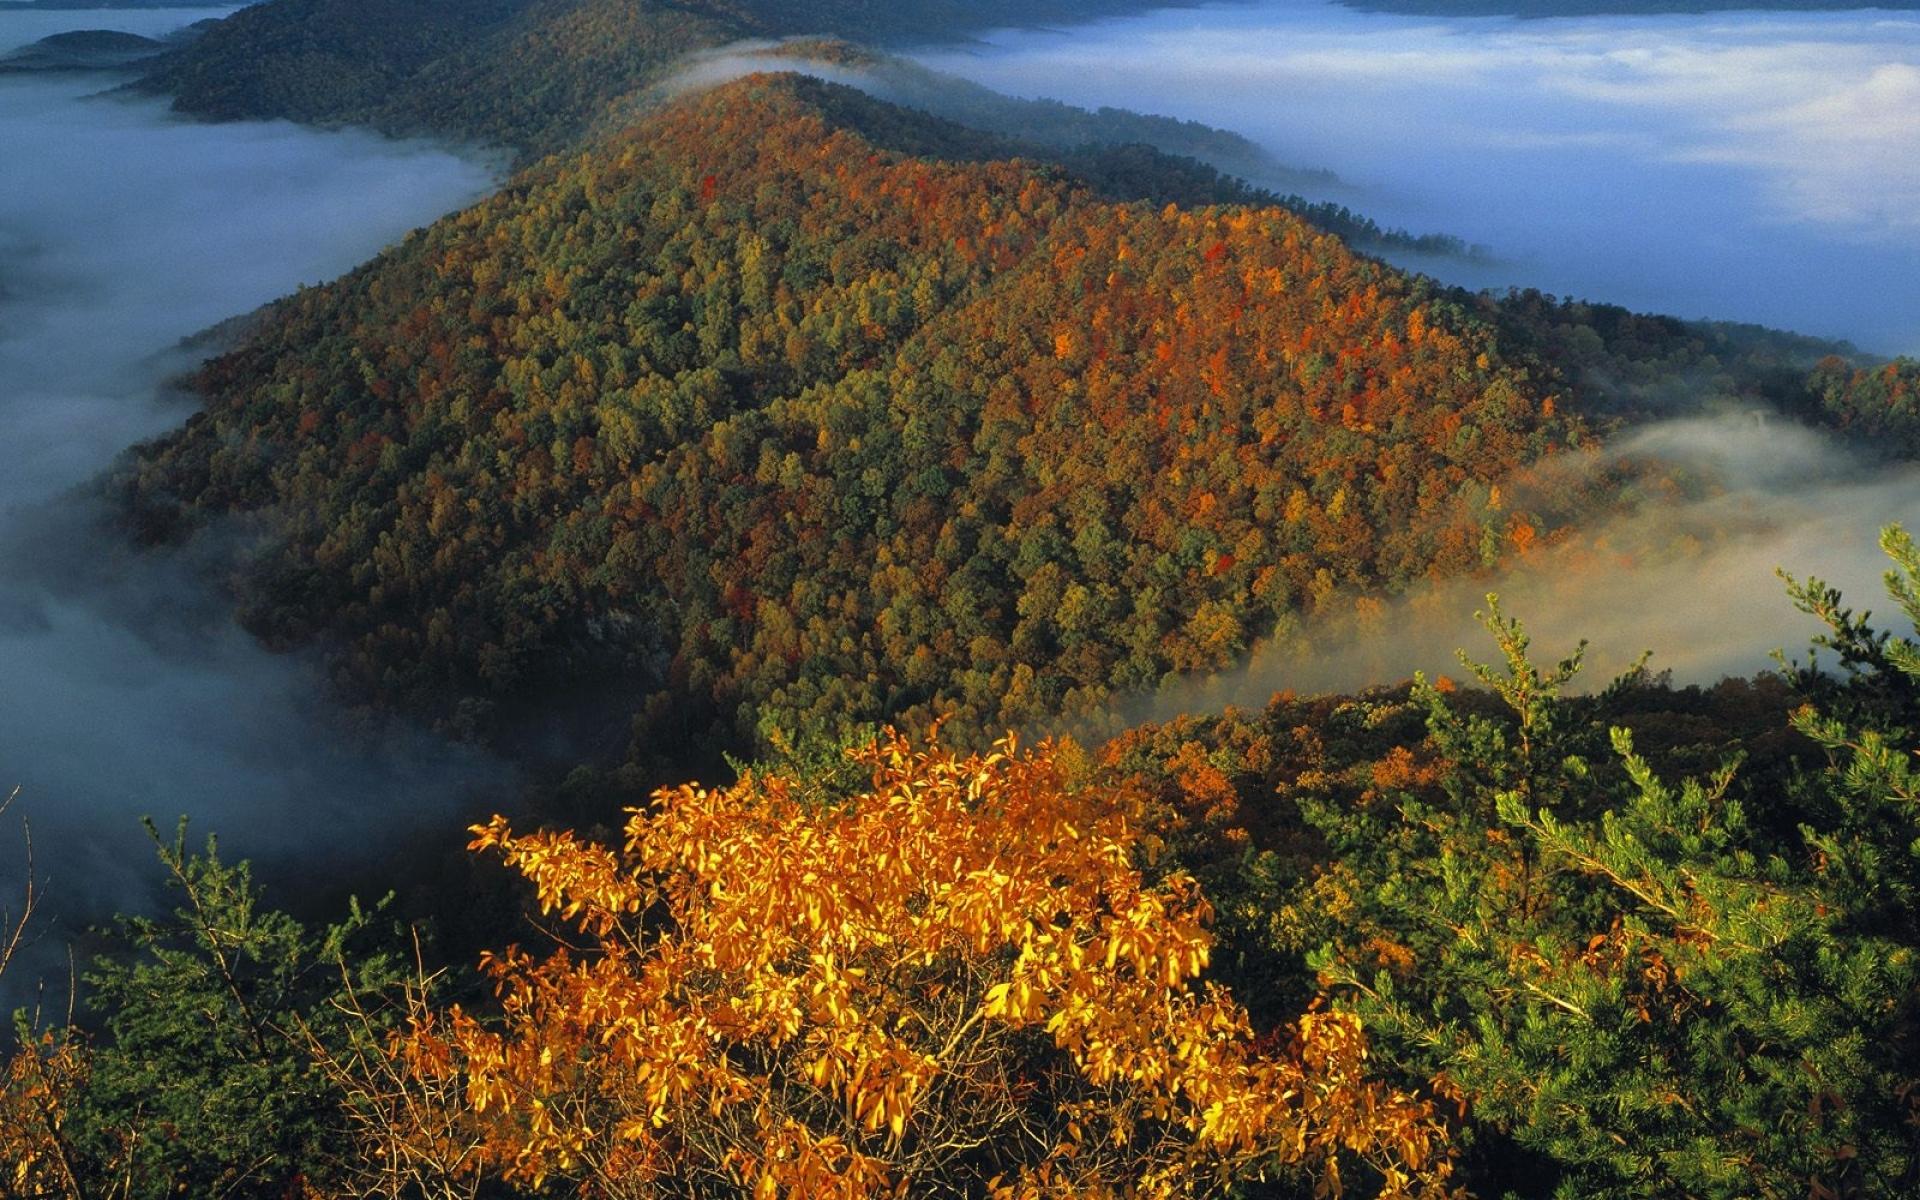 Картинки Горы, деревья, туман, вуаль, осень фото и обои на рабочий стол